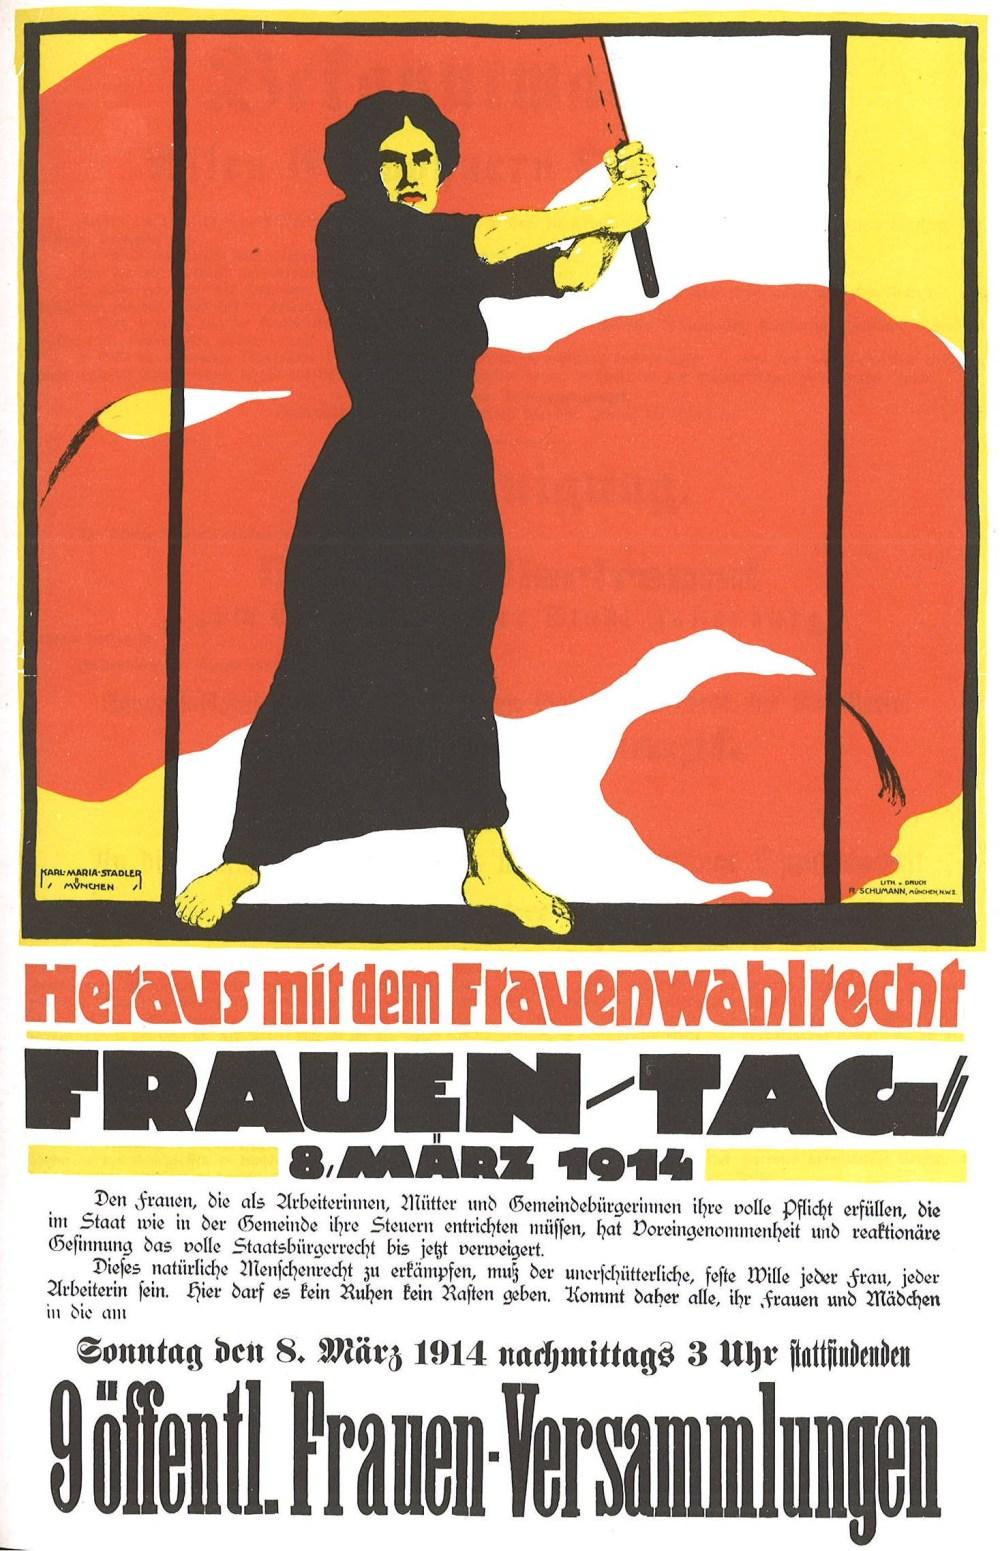 Frauentag_1914_Heraus_mit_dem_Frauenwahlrecht.jpg